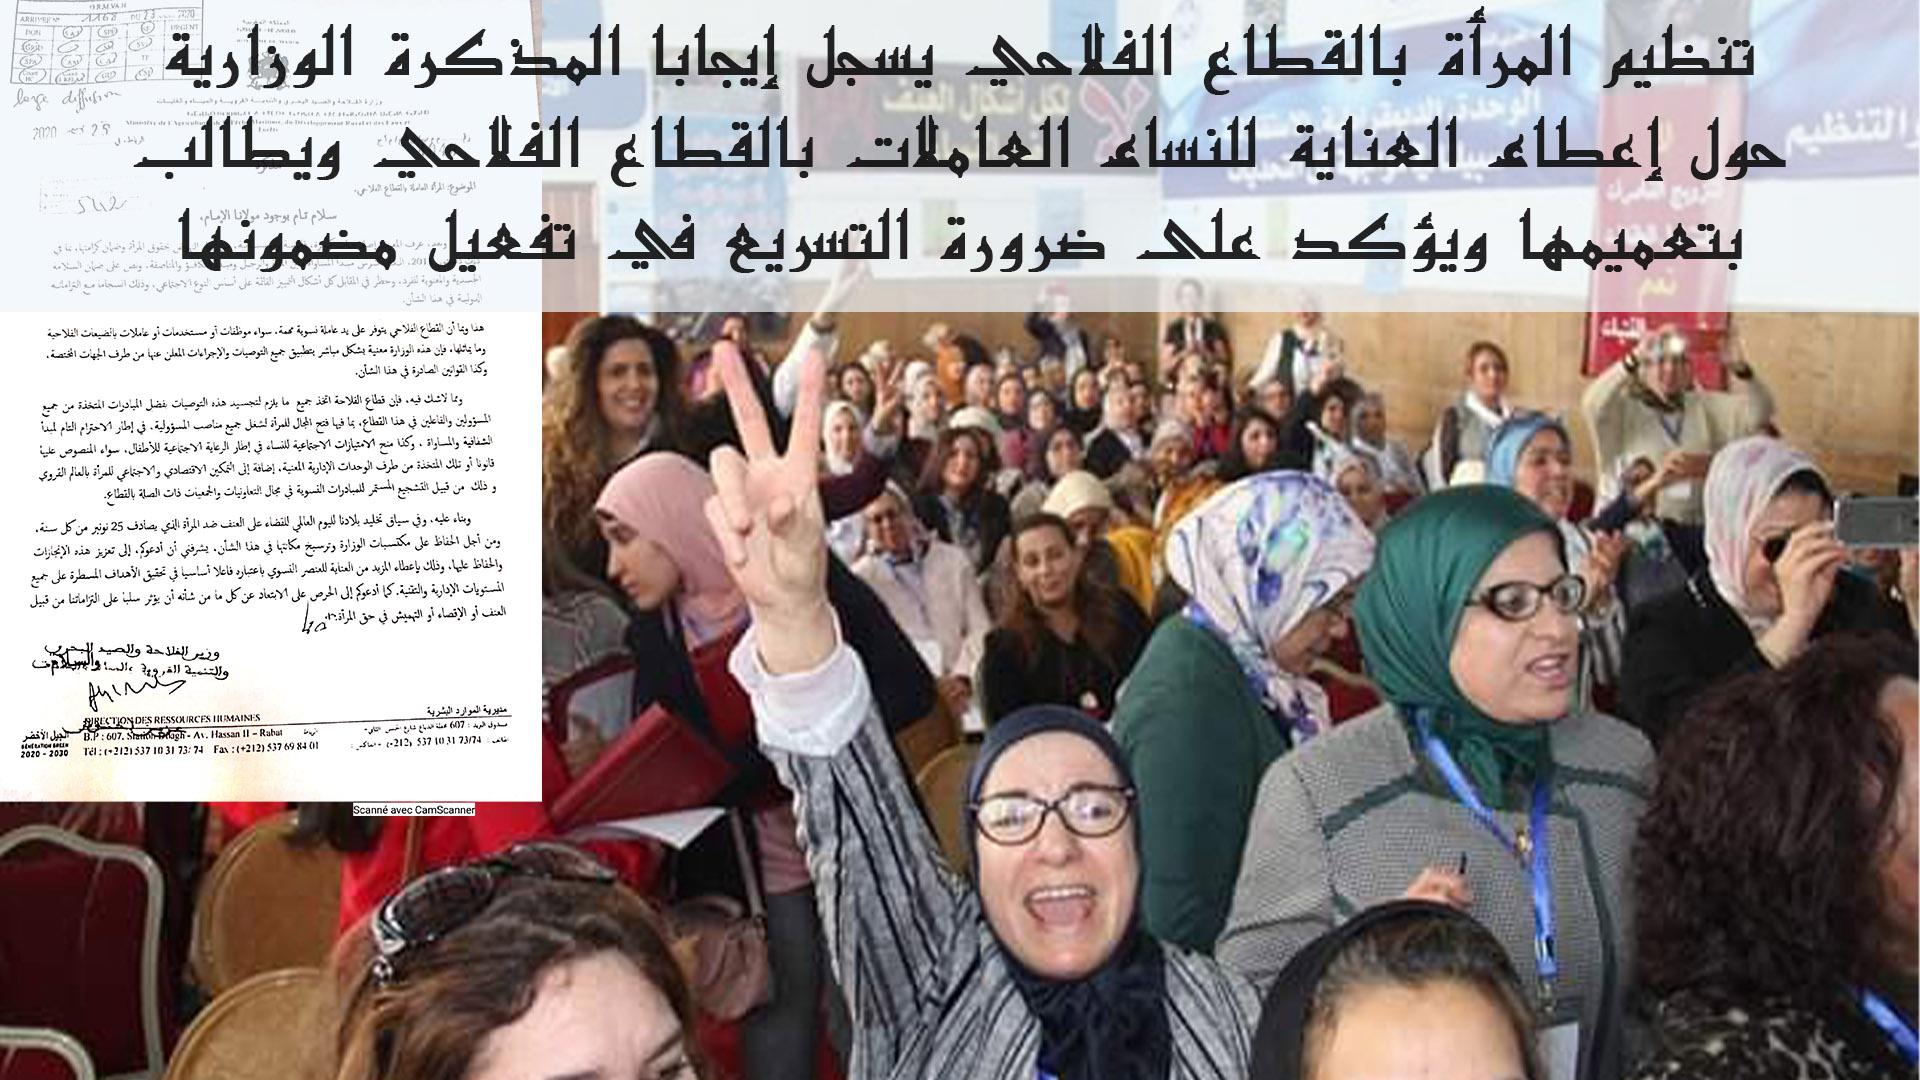 المؤتمر الوطني السادس لتنظيم المرأة بالقطاع الفلاحي